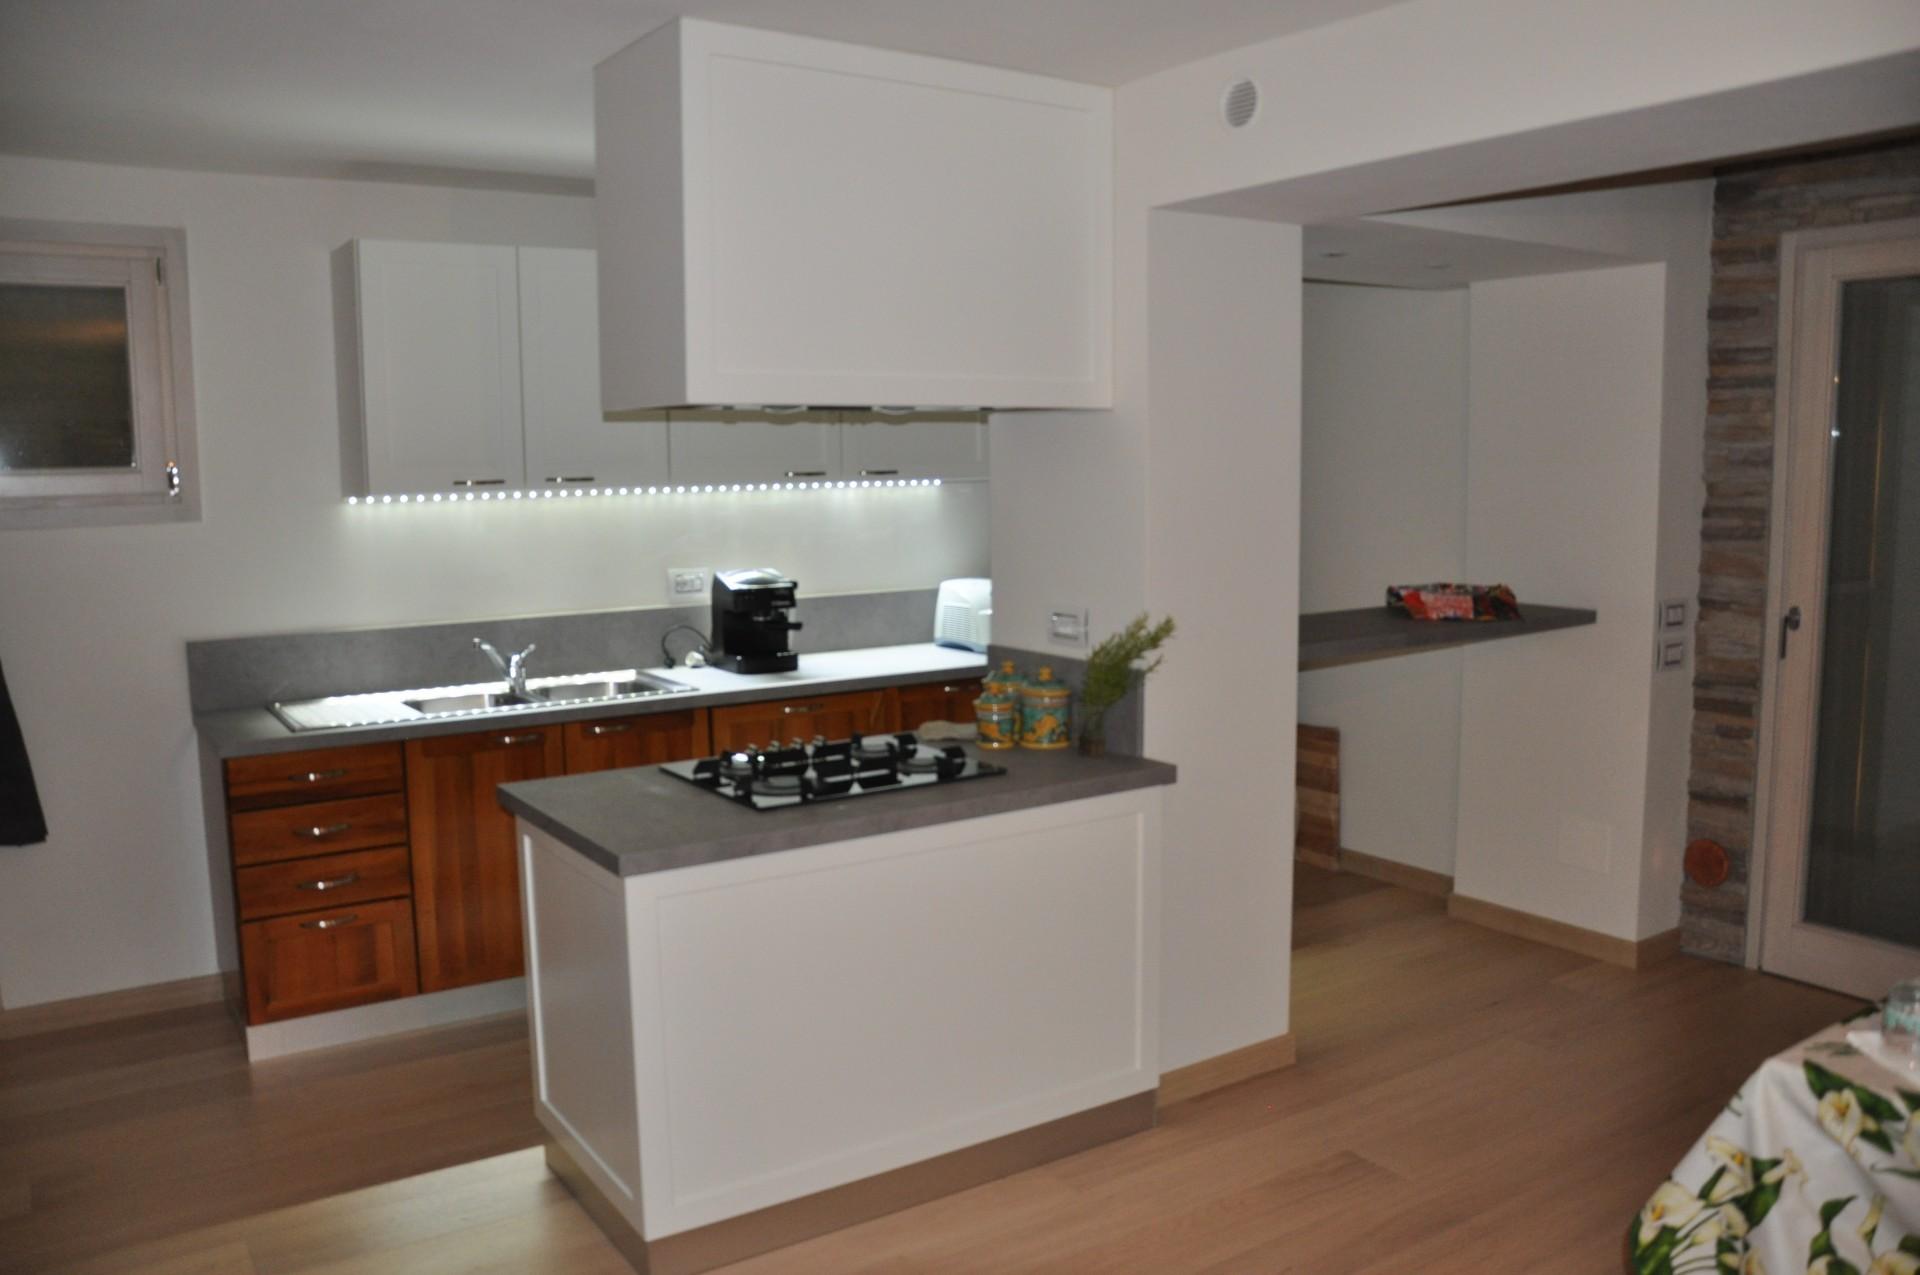 Cucine moderne in legno a Milano